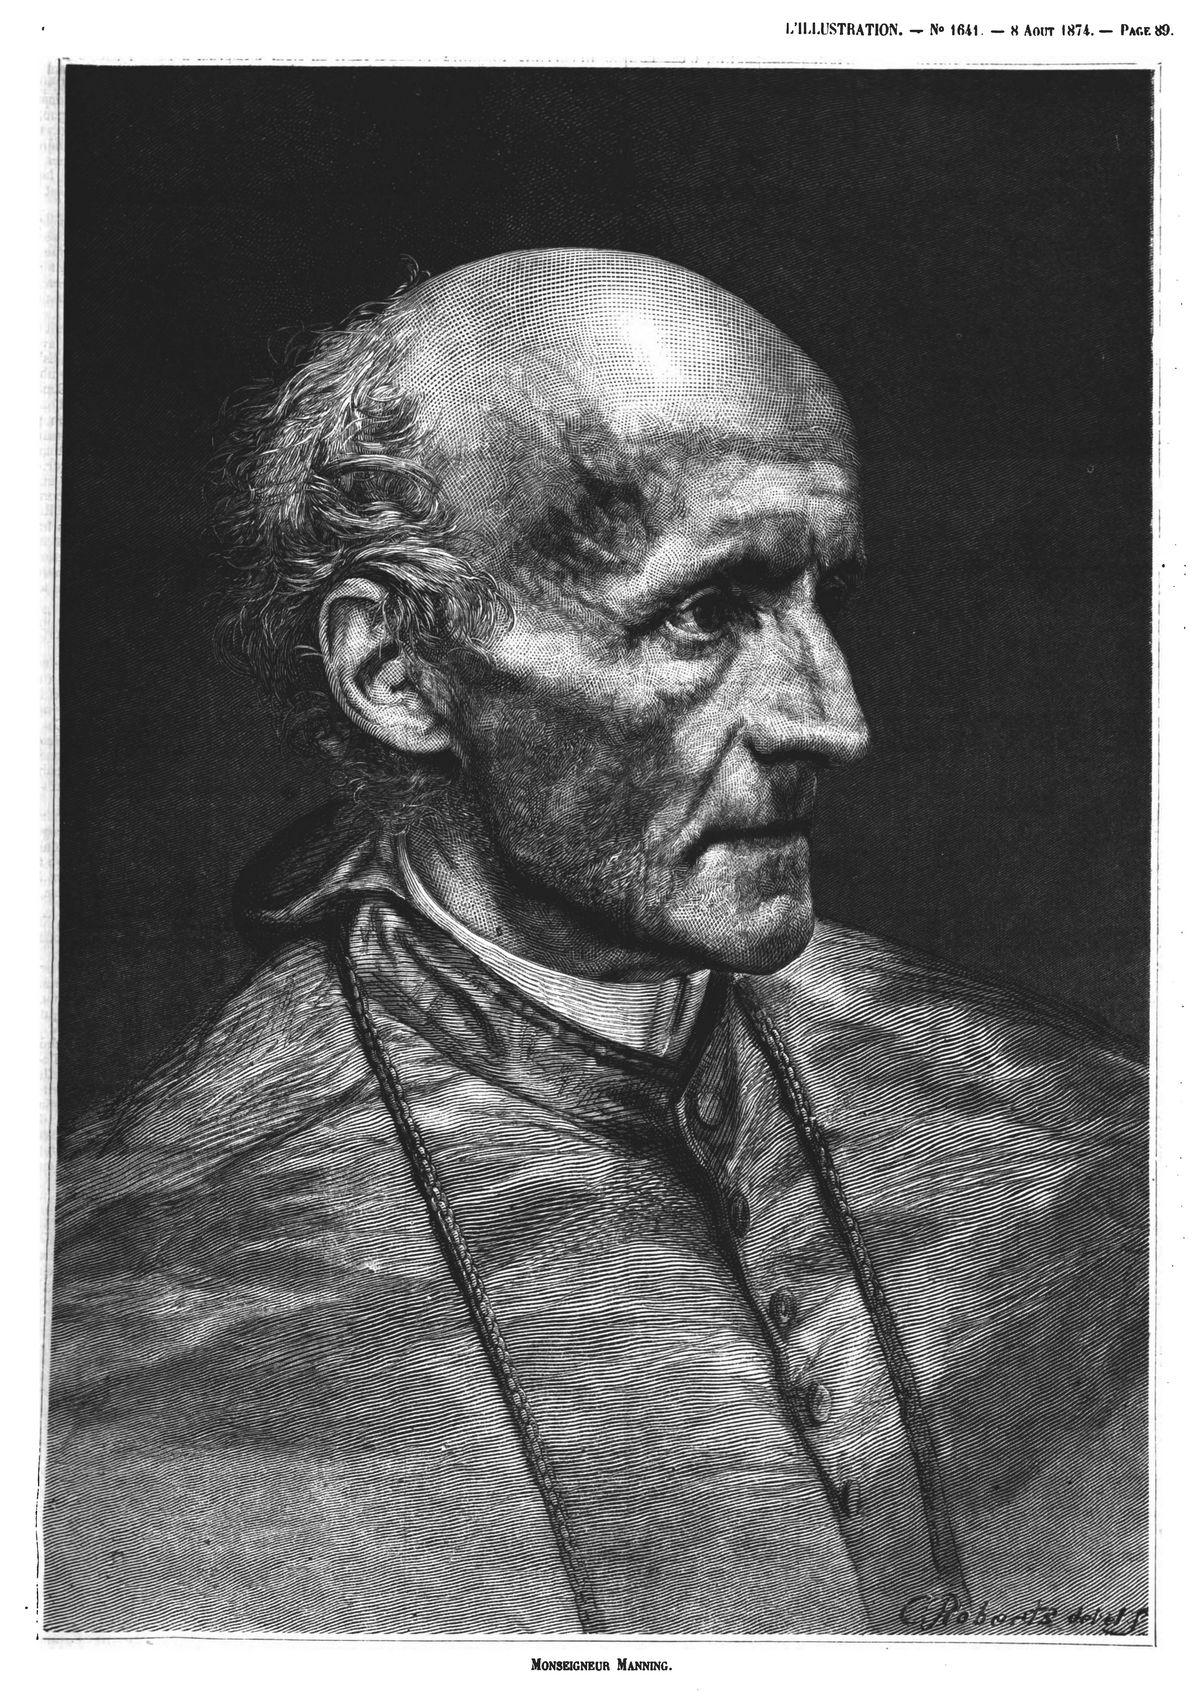 Mgr Manning 1874